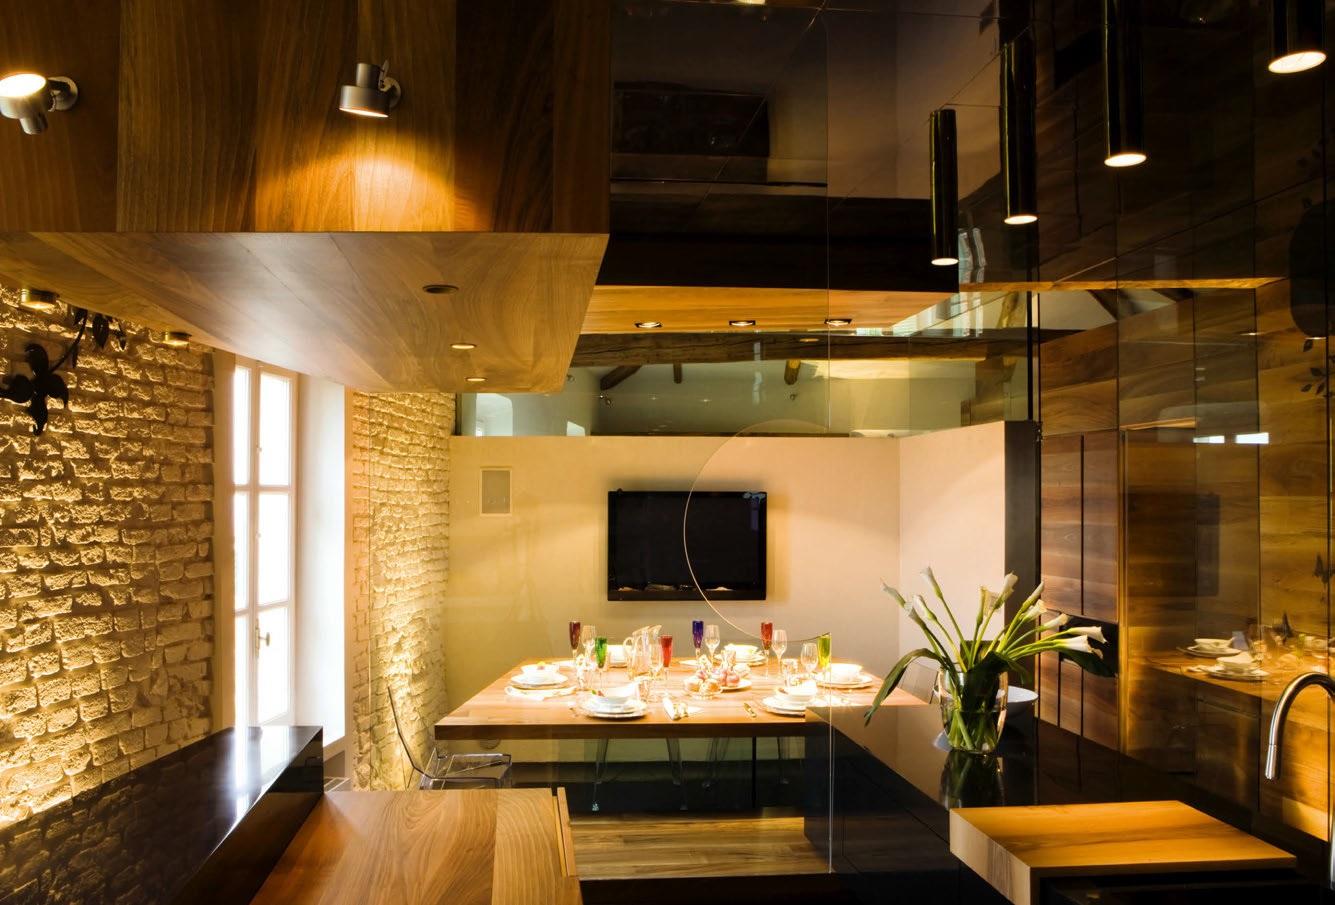 Arredamento moderno in una villa del seicento ville casali for Arredamento interni